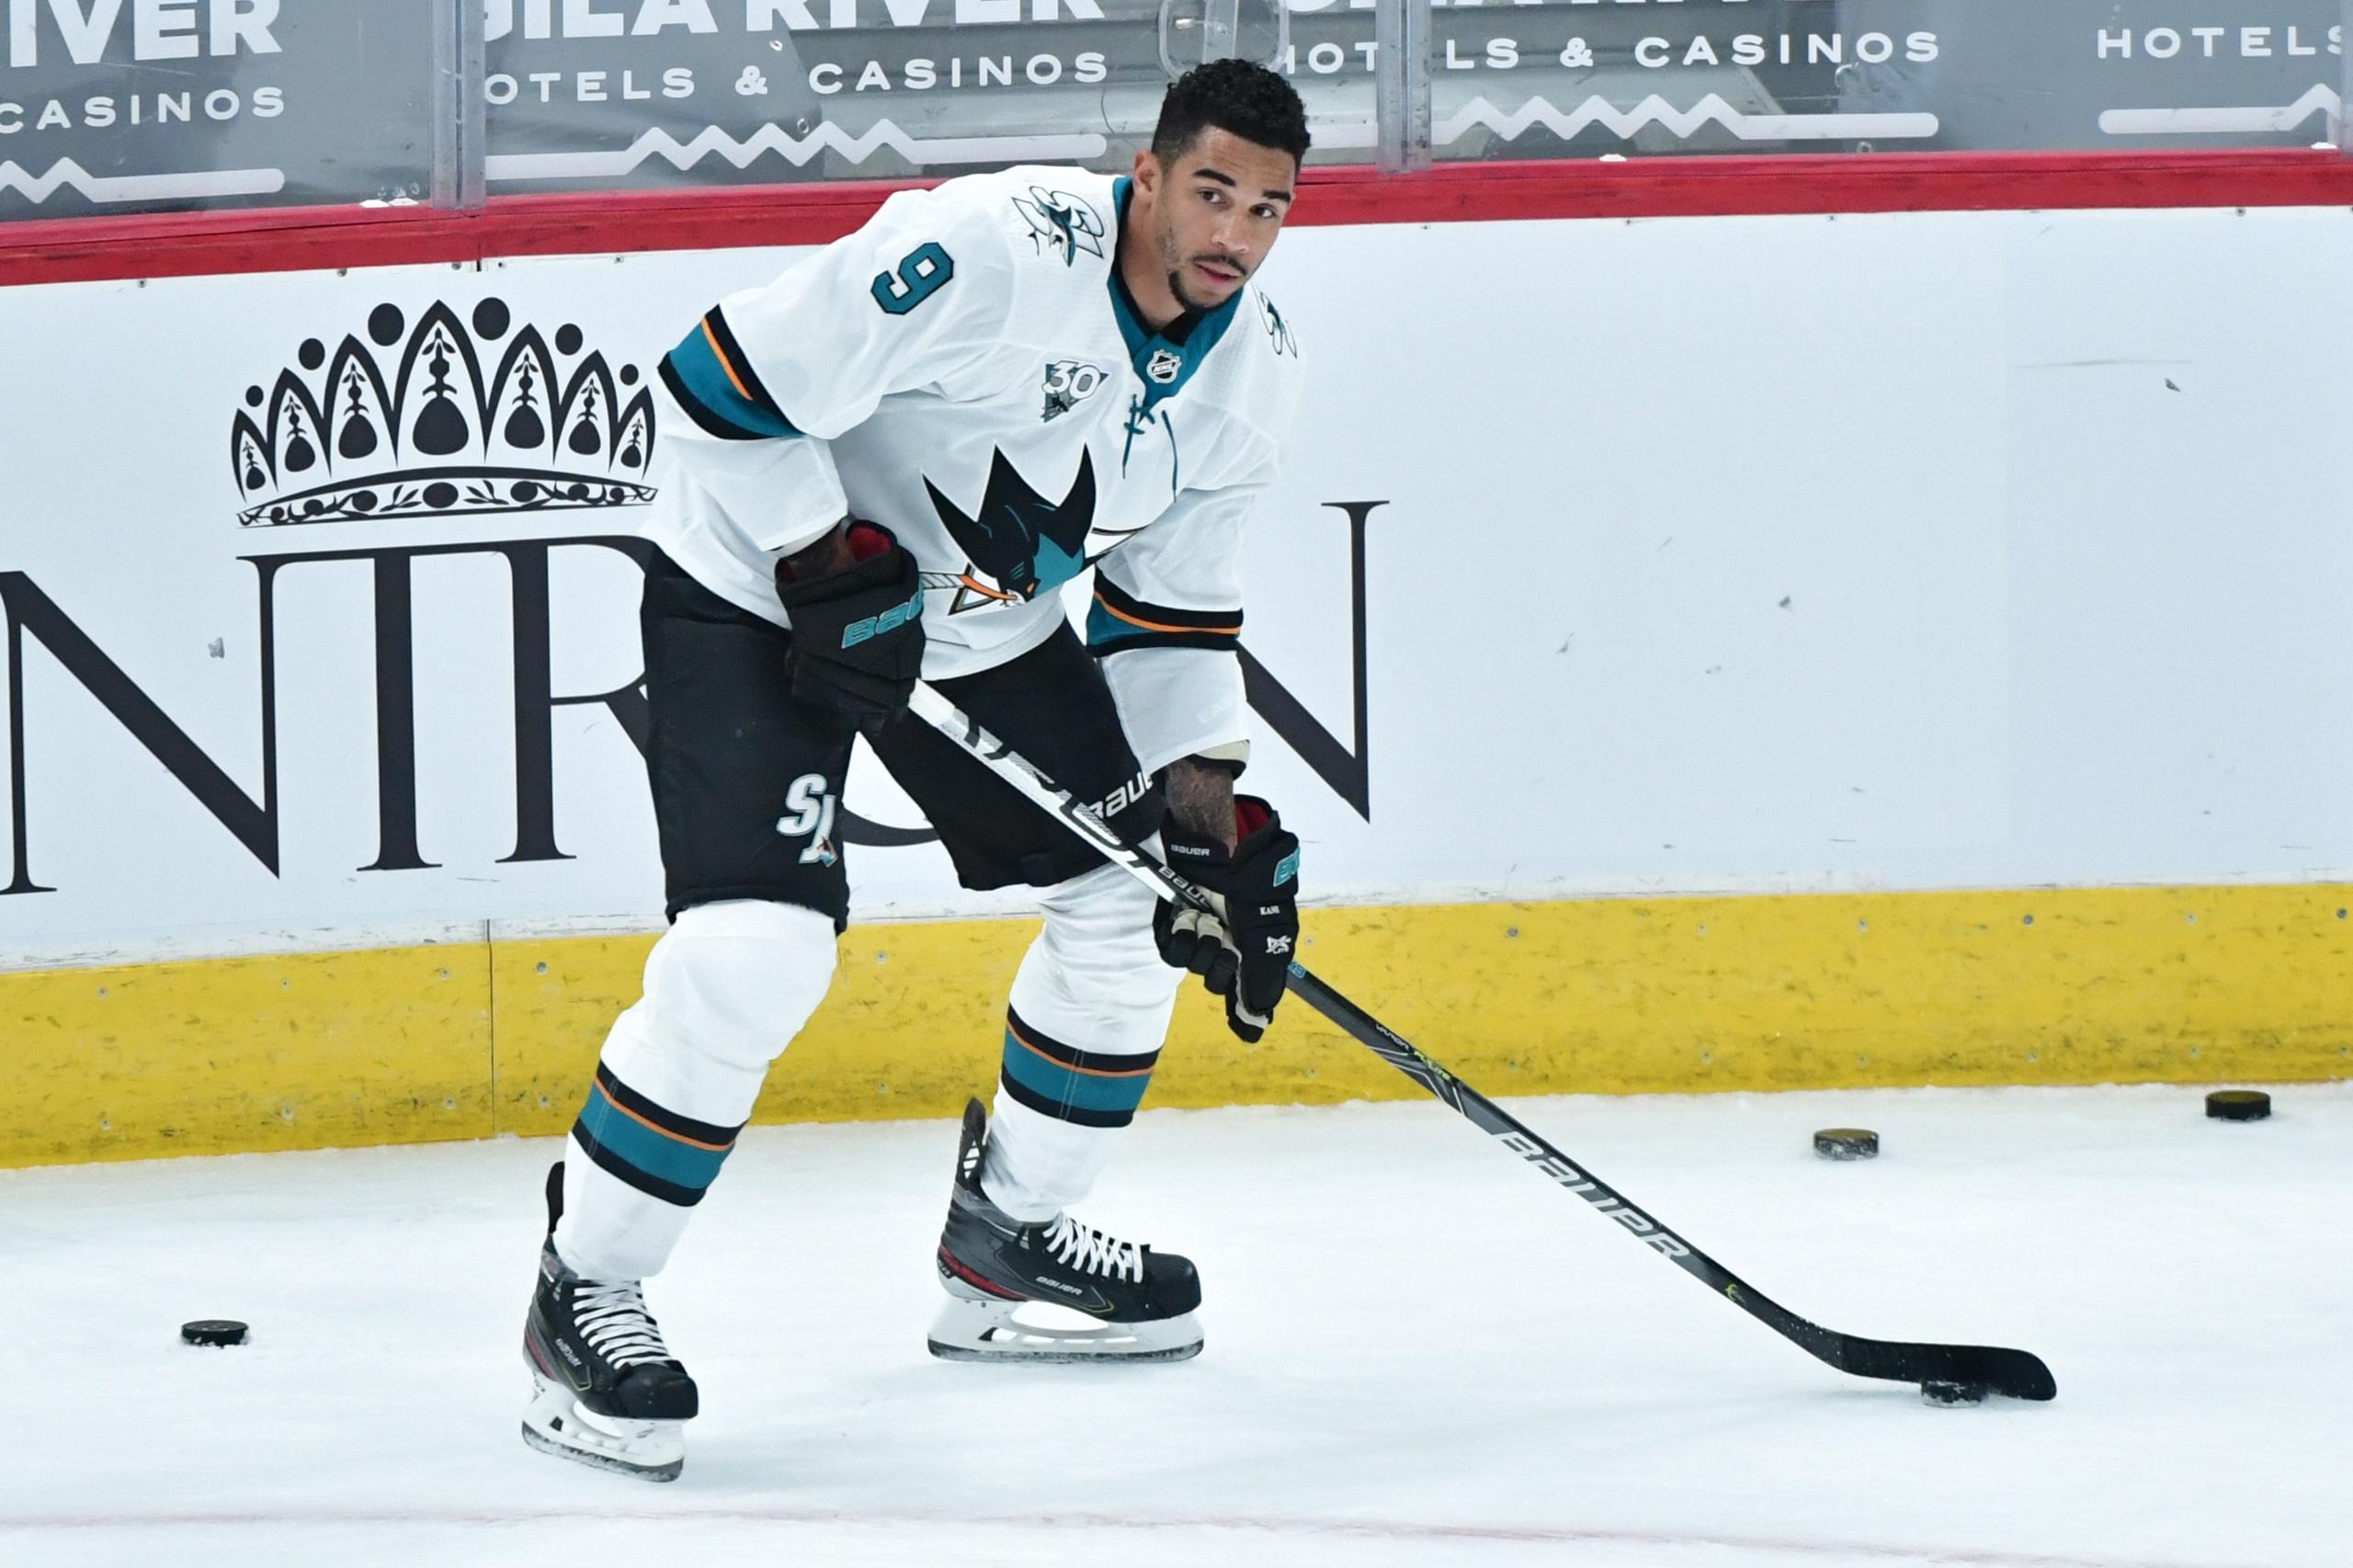 Fruns anklagelse mot NHL-stjärnan – spelar på egna matcher